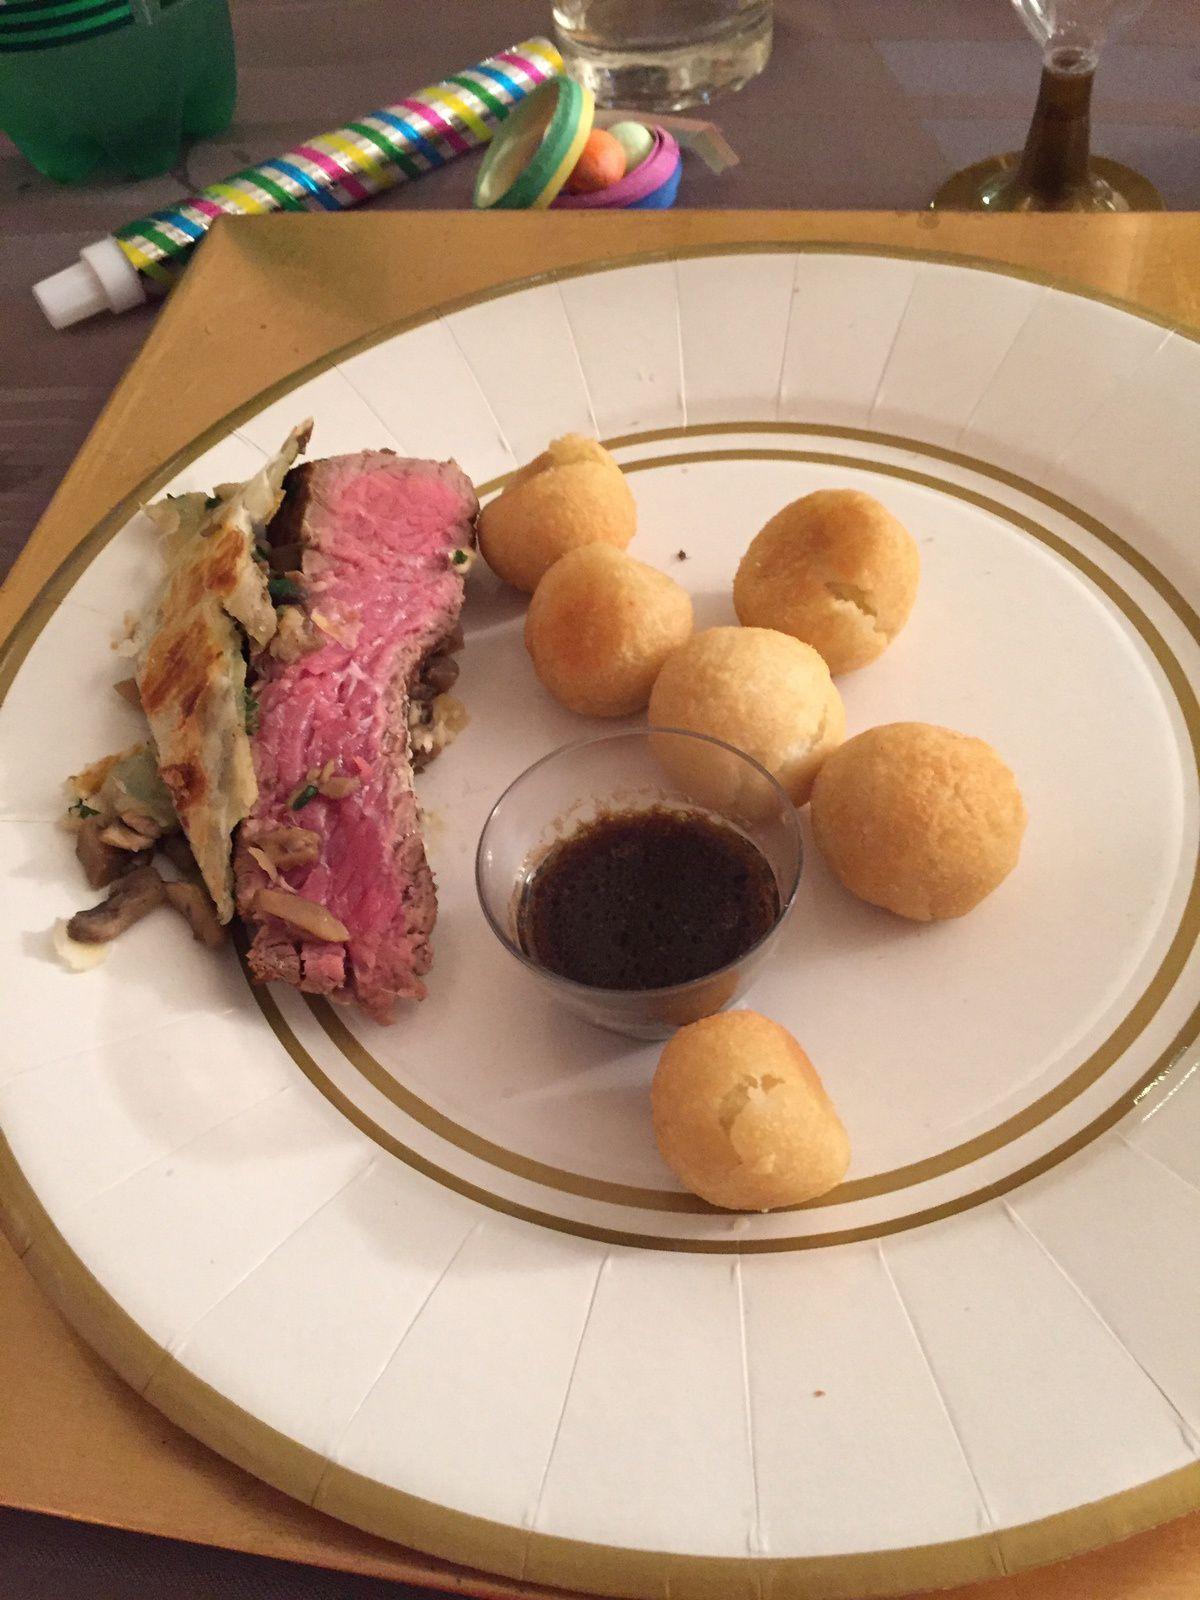 Boeuf aux l gumes cuisiner les restes d 39 un r ti de boeuf laora in the kitchen - Cuisiner un roti de boeuf au four ...